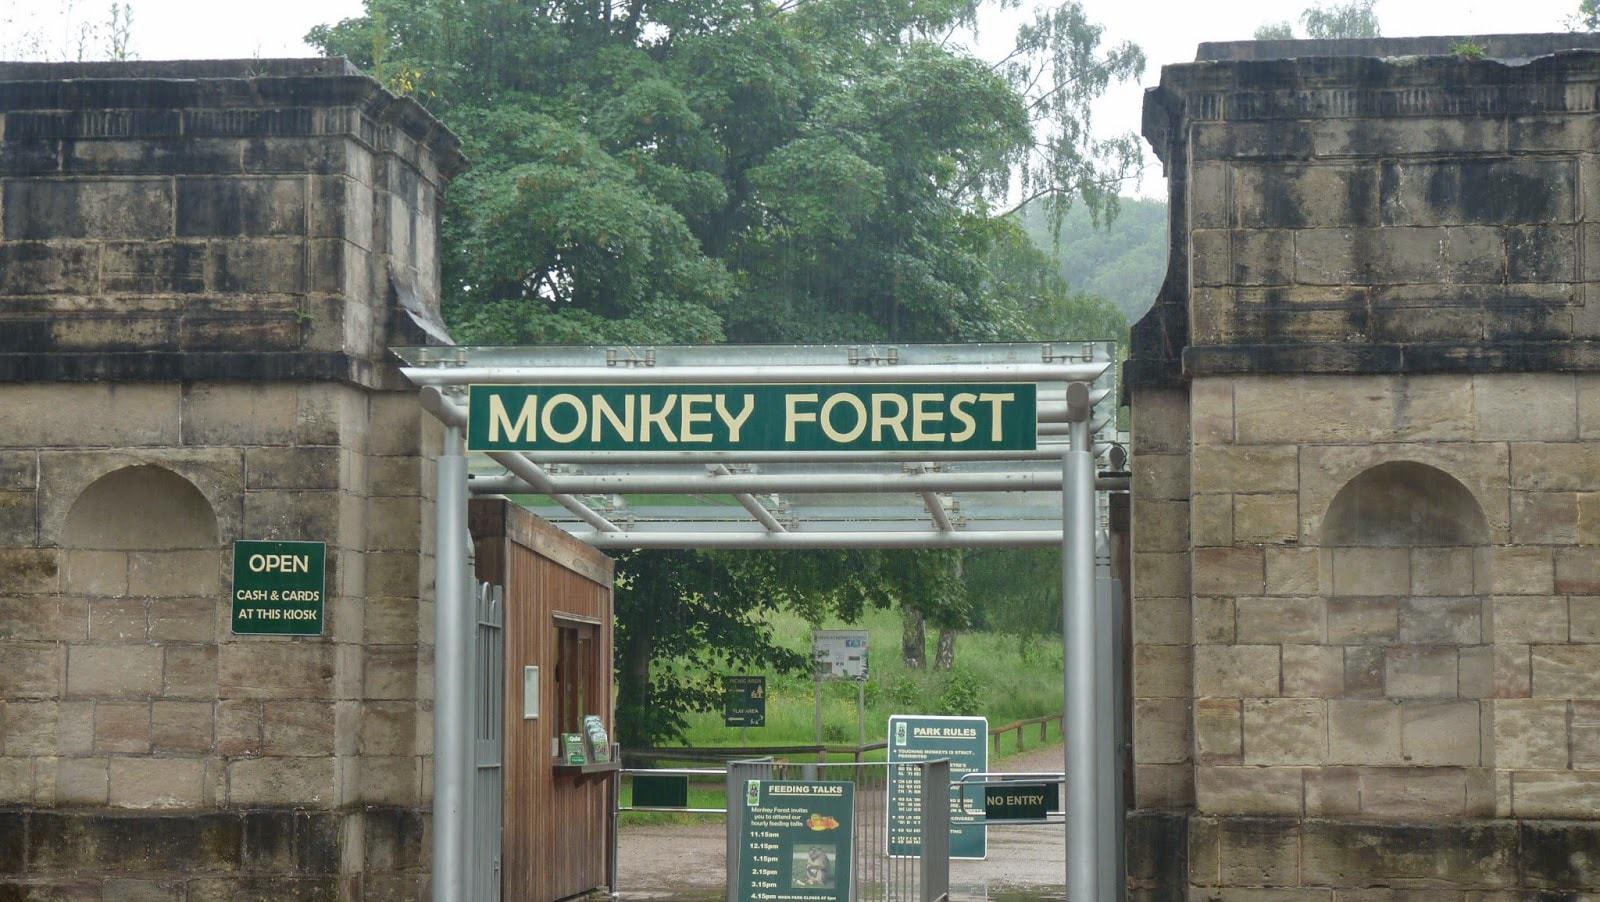 Trentham Monkey Forest, Stoke